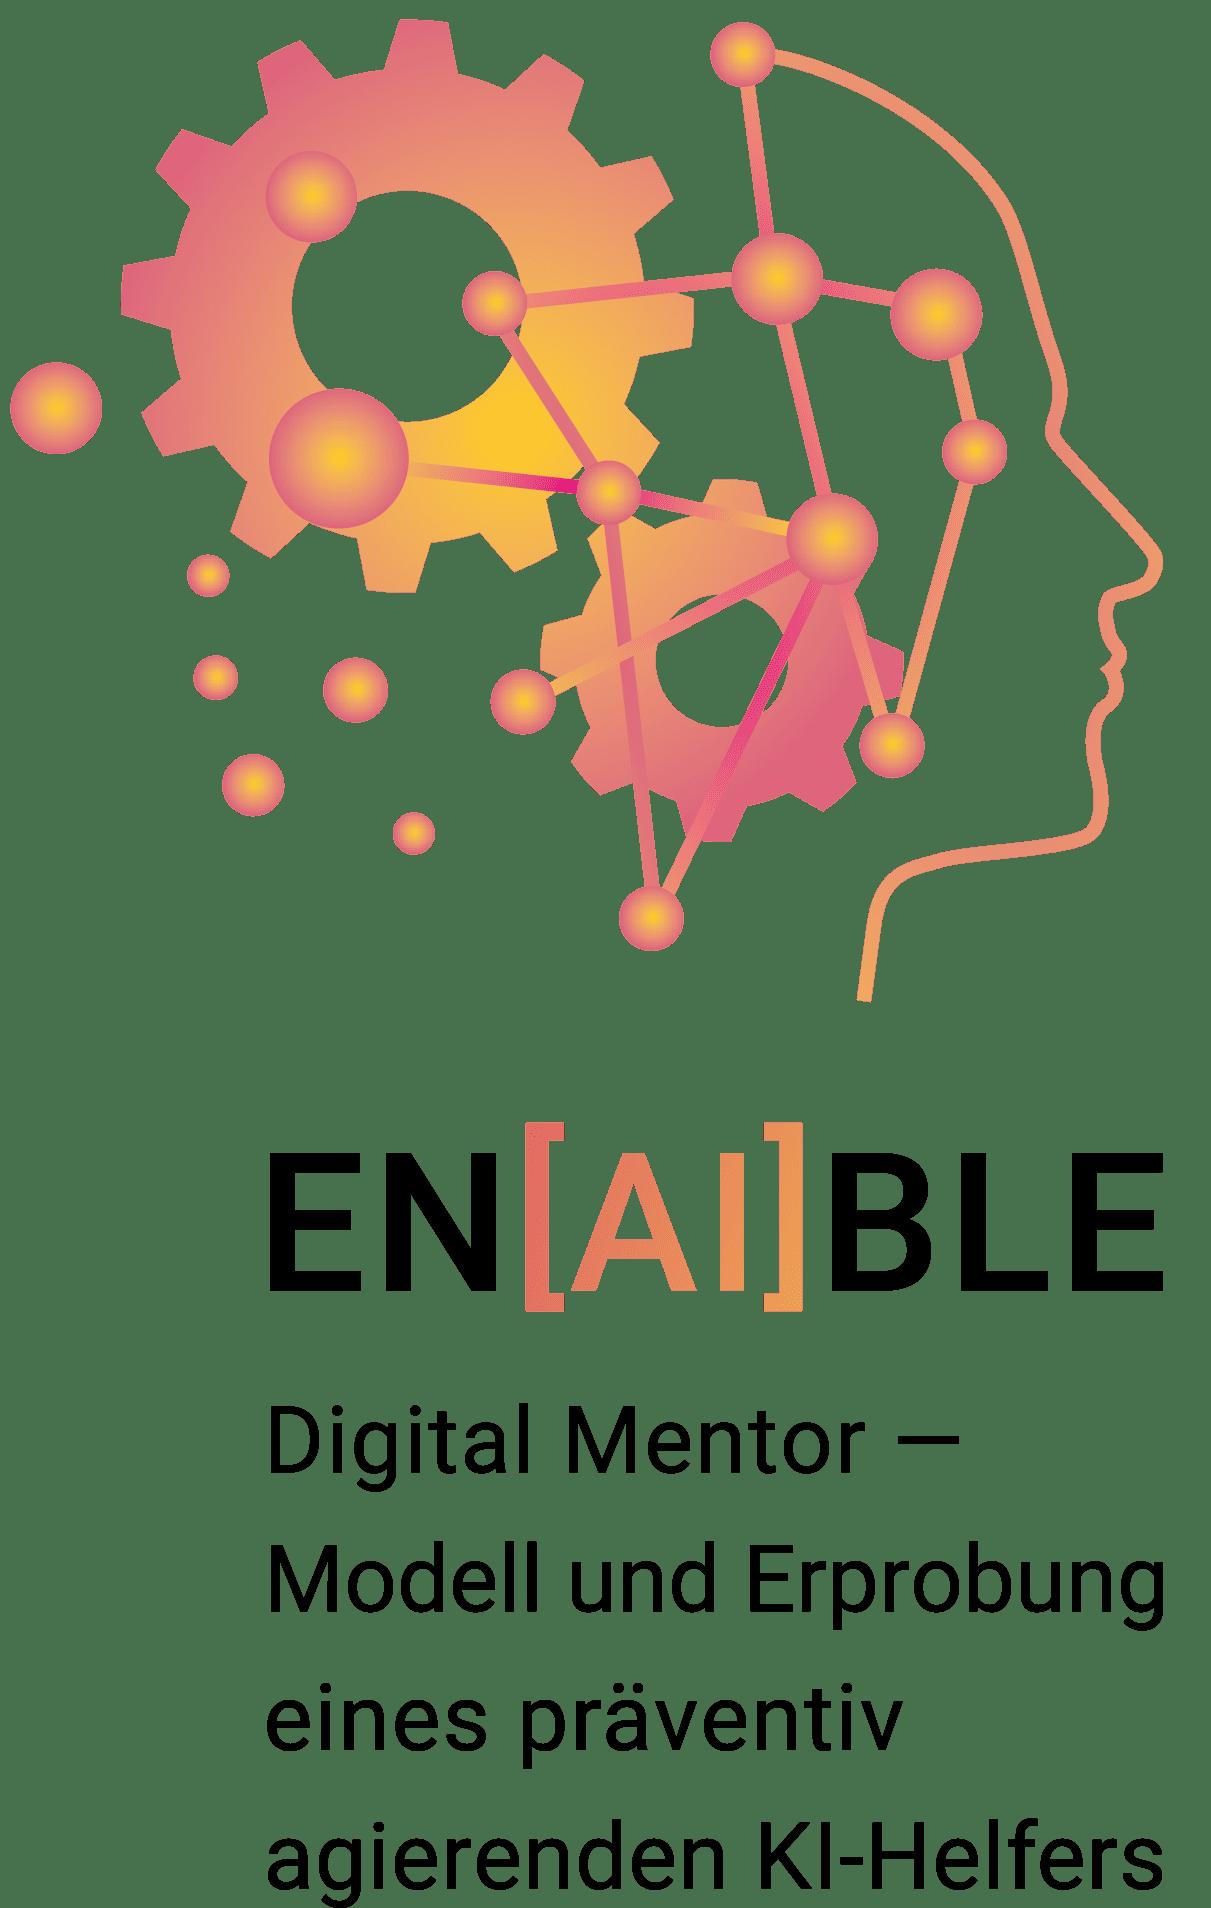 Projektmanagement-Tool Gefährdungsbeurteilung psychischer Belastung